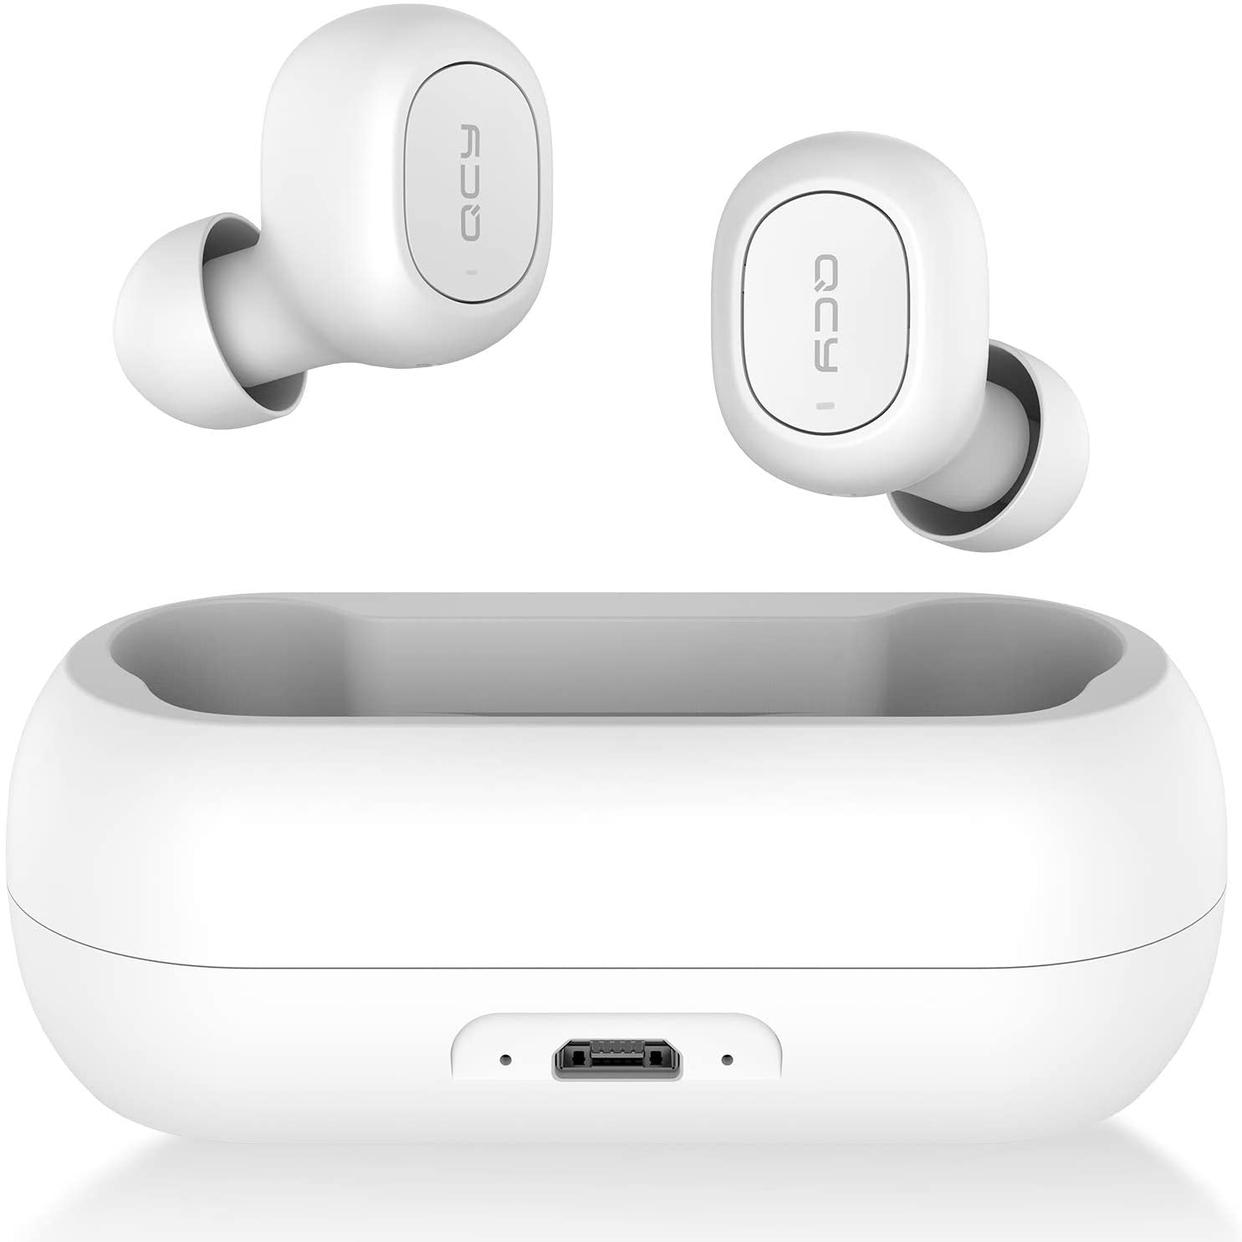 QCY(キューシーワイ) Bluetooth 5.0 完全ワイヤレスイヤホン T1の商品画像